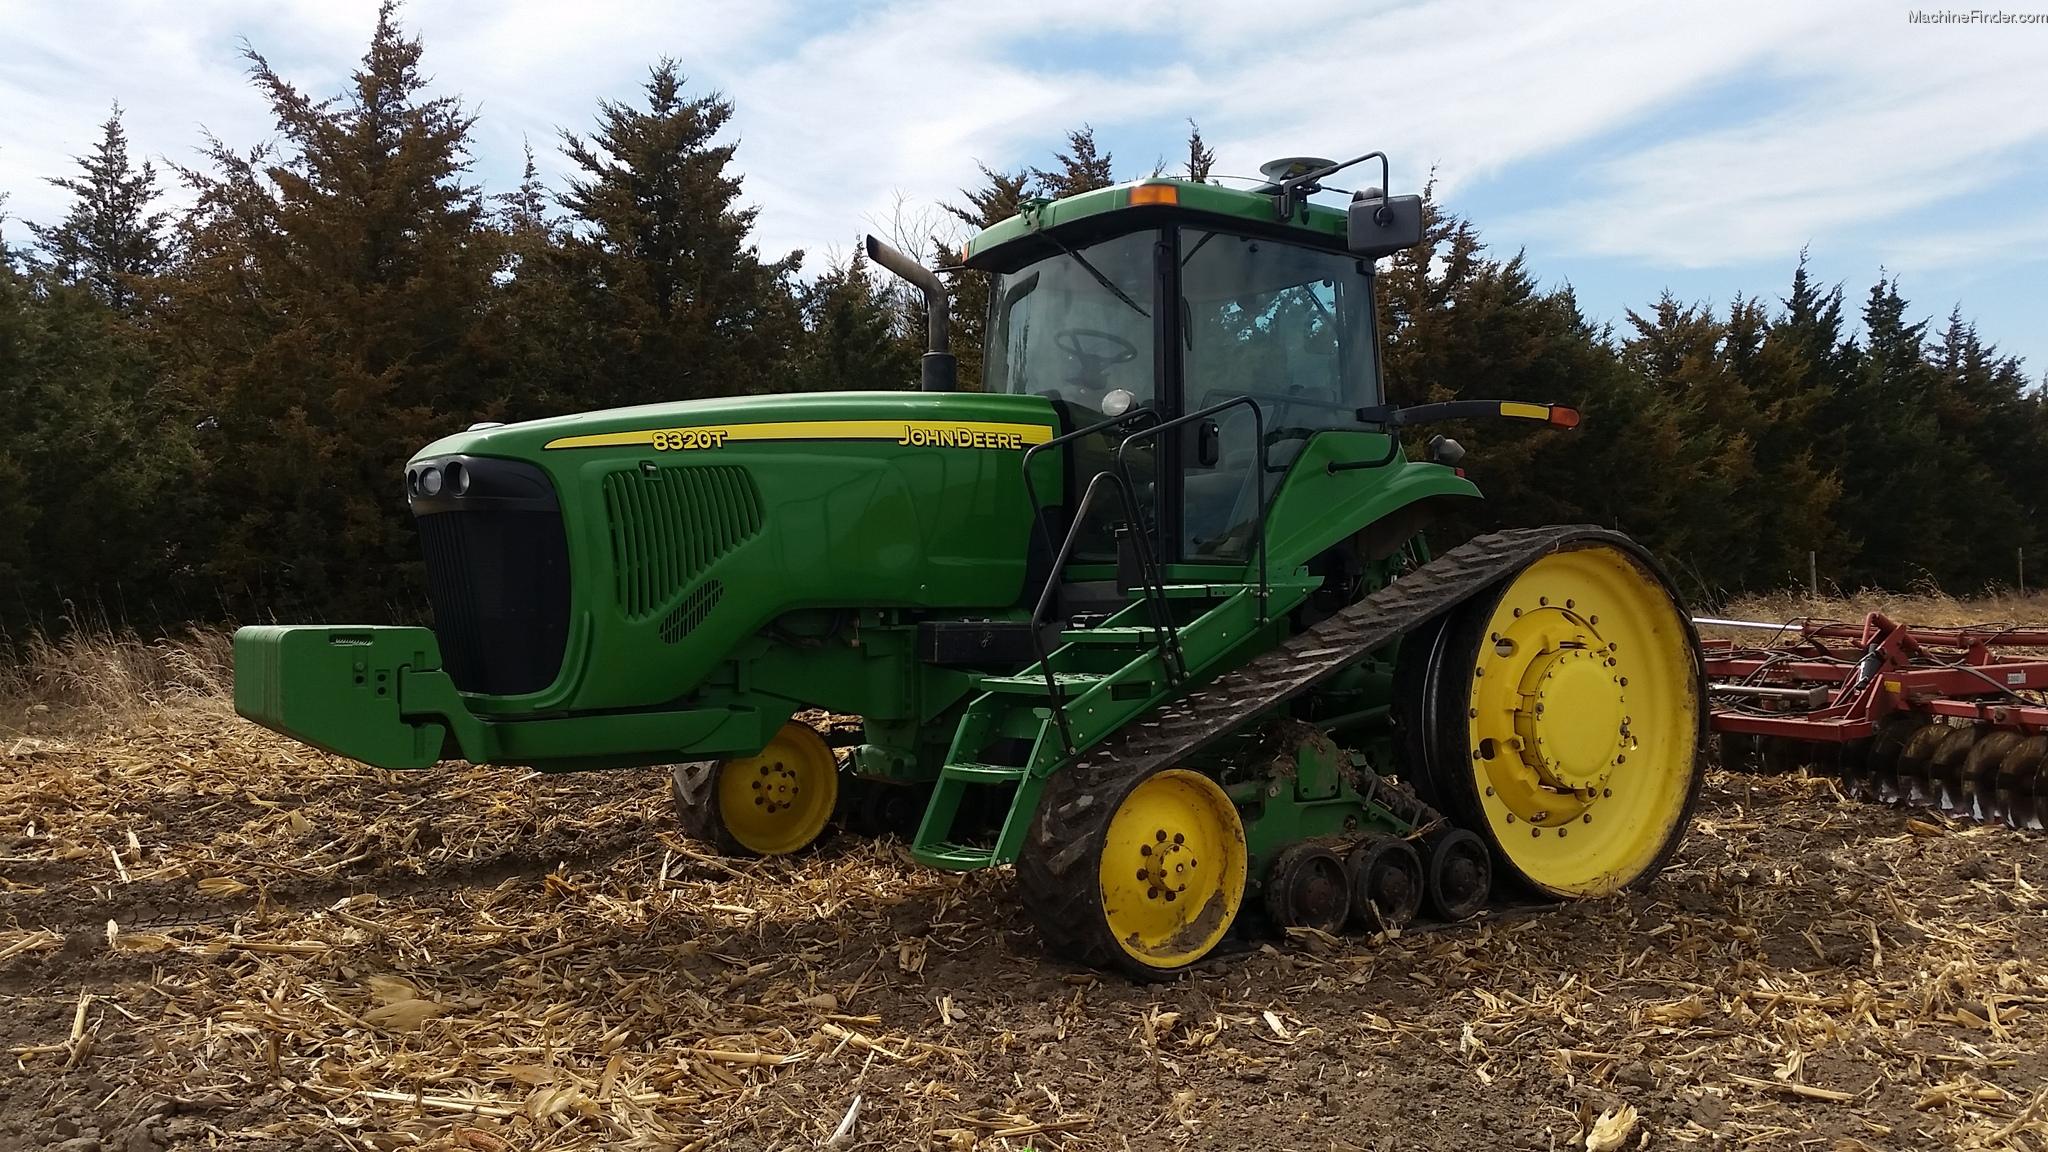 2002 John Deere 8320T Tractors - Row Crop (+100hp) - John ...